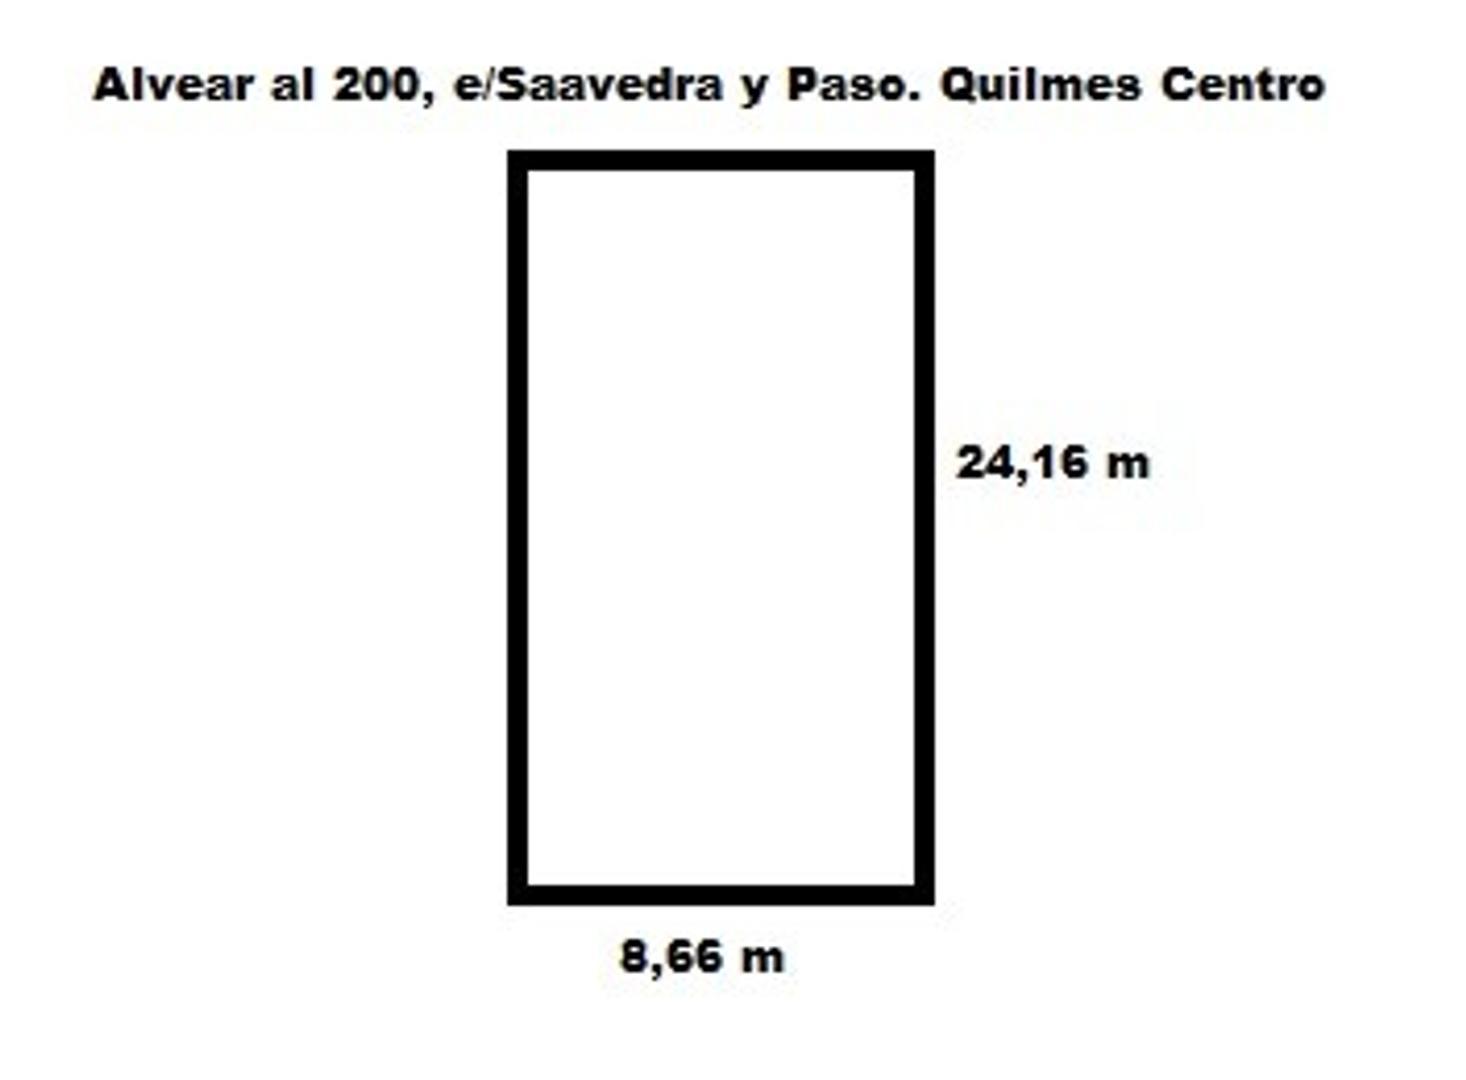 Lote de terreno de 8.66 x 24.16 m - Alvear al 200 e/Paso y Saavedra, Quilmes Centro